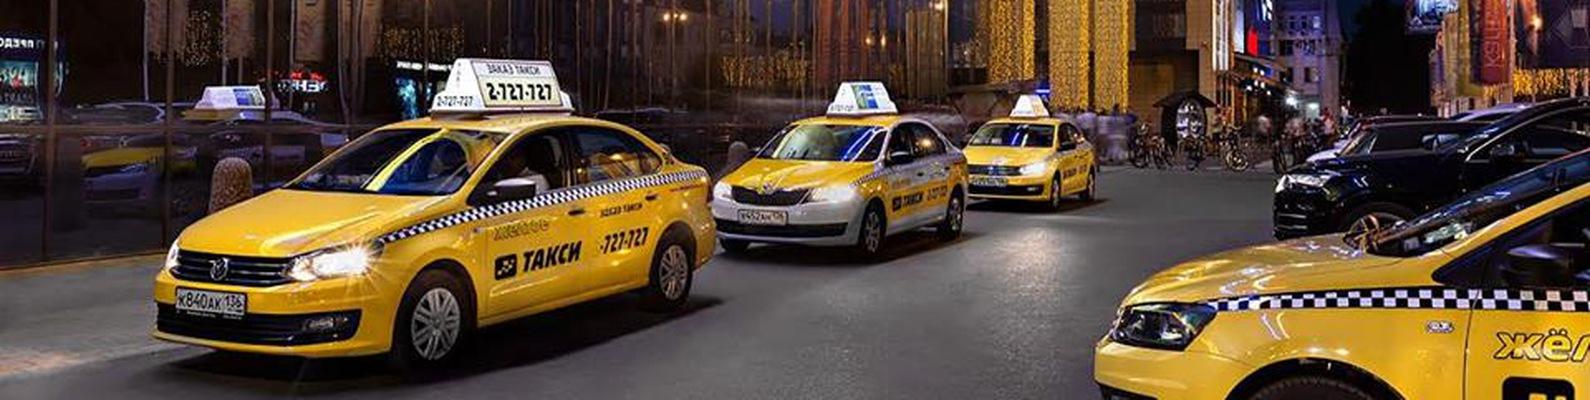 Такси воронеж недорого